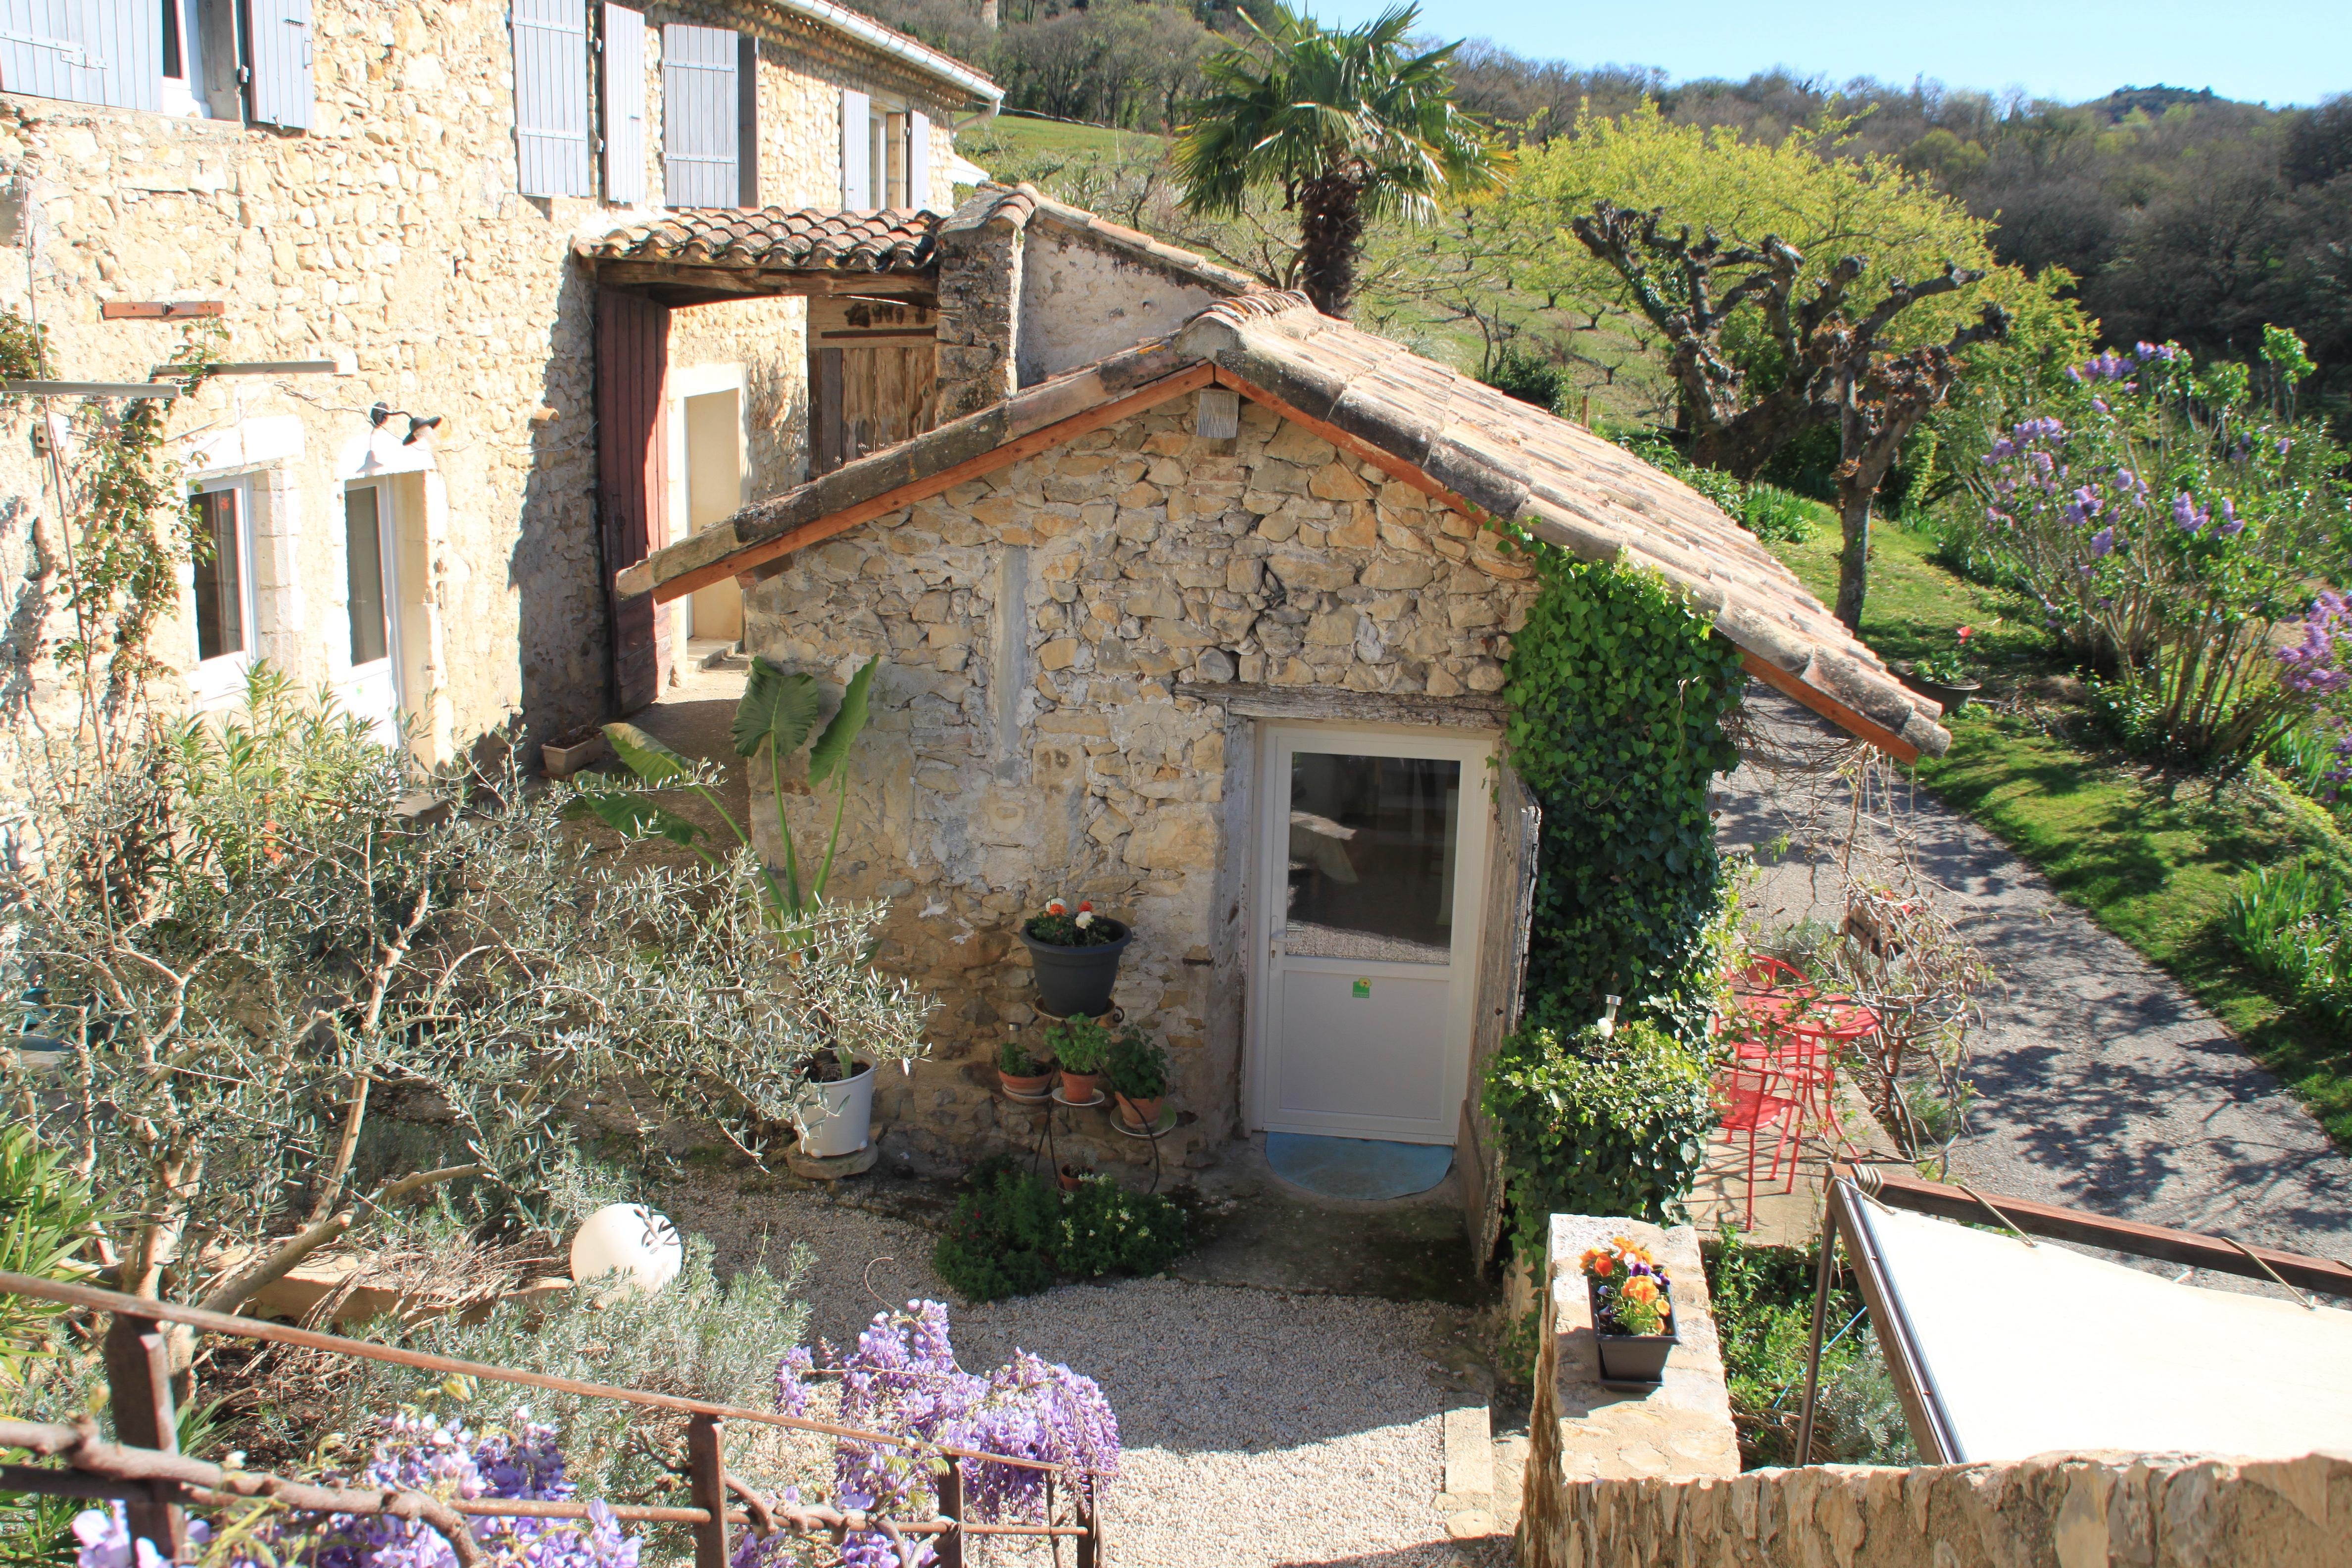 Vue de la maisonnette de la terrasse où se prennent les petits déjeuners